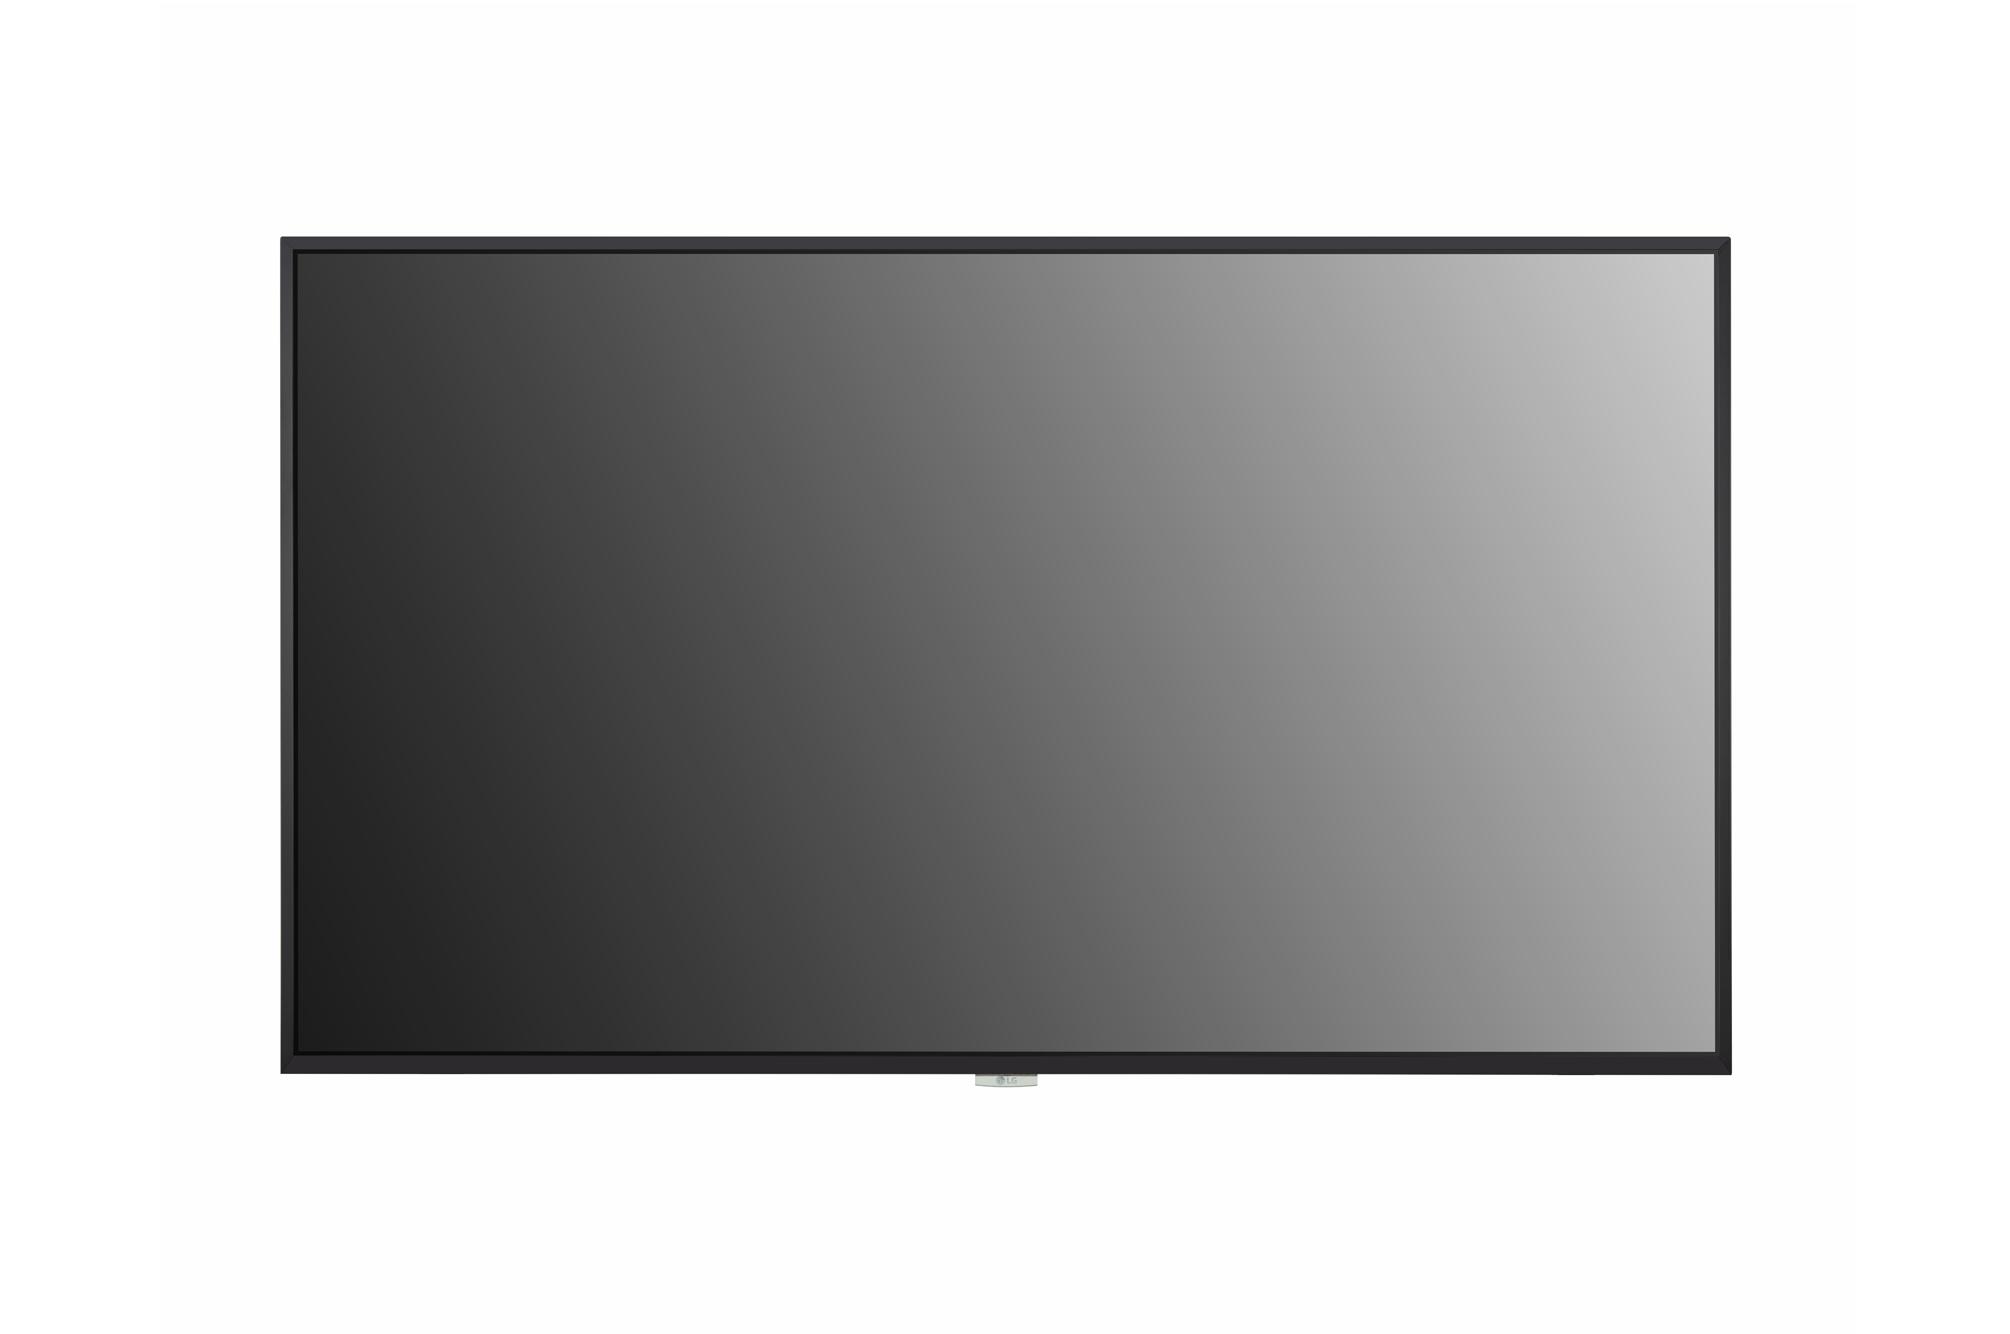 LG Standard Premium 55UH5F-B 2